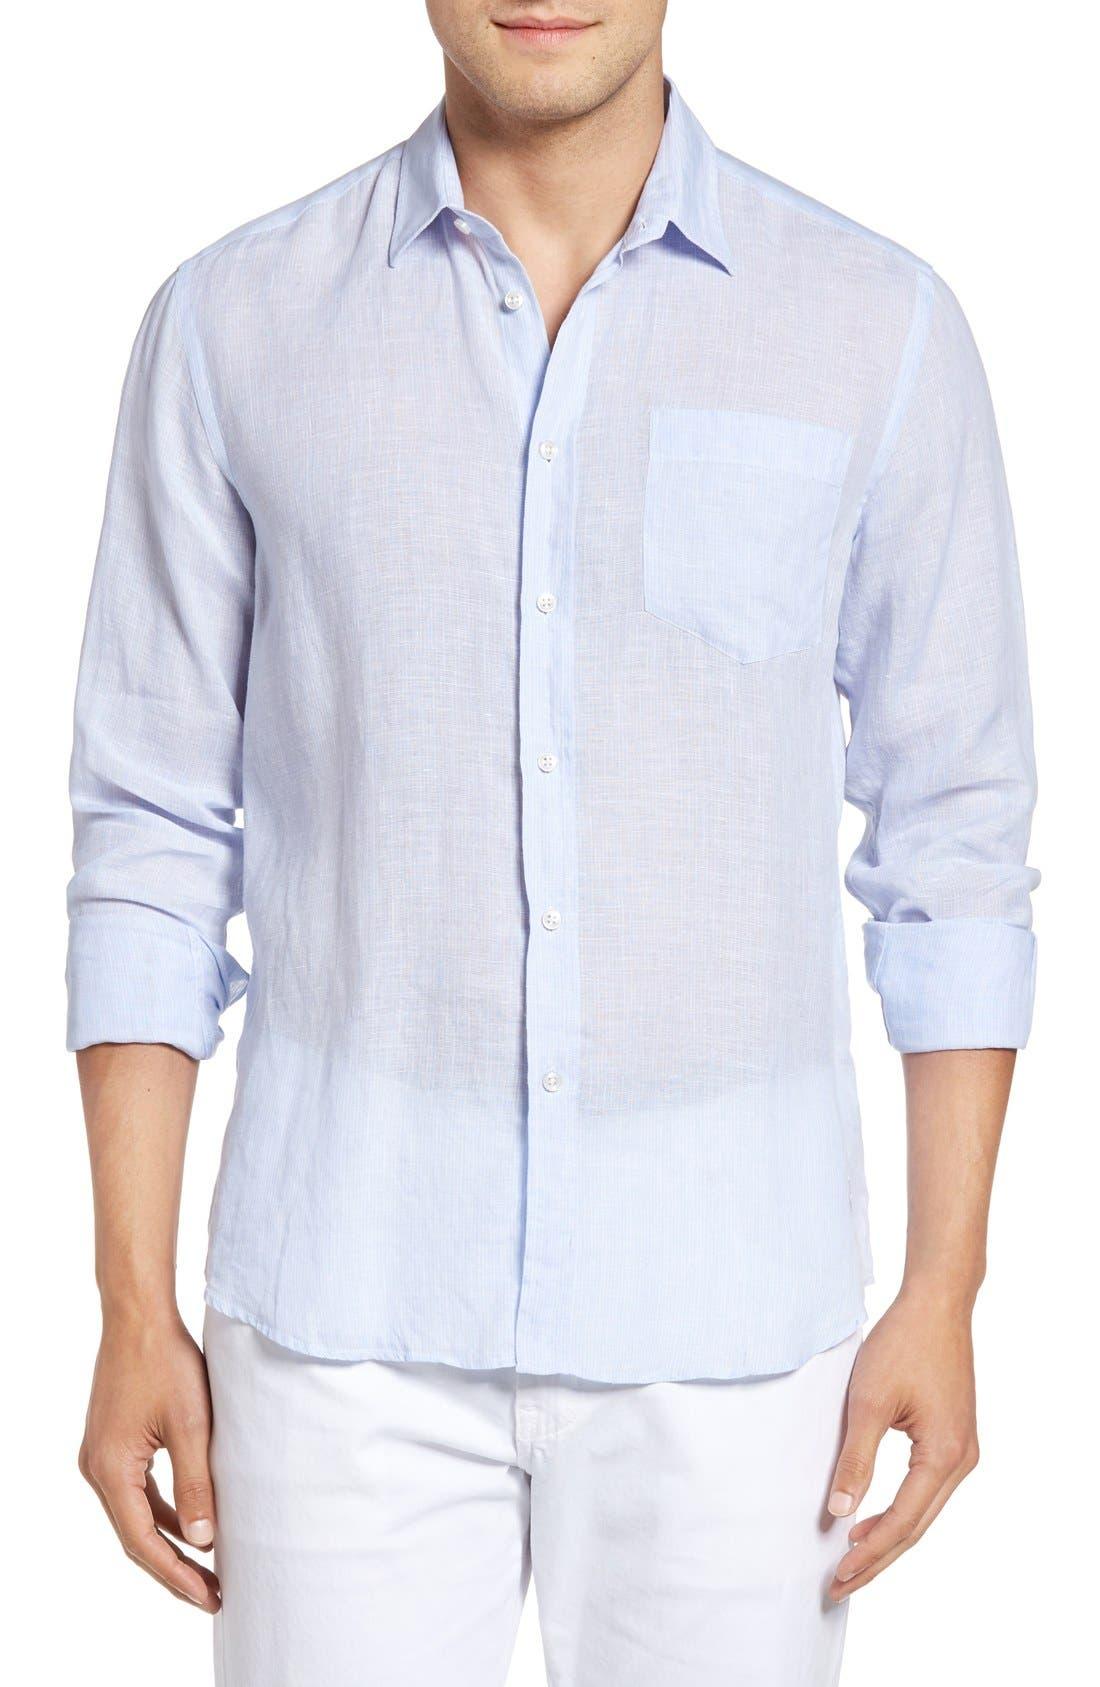 Main Image - Vilebrequin Regular Fit Linen Sport Shirt